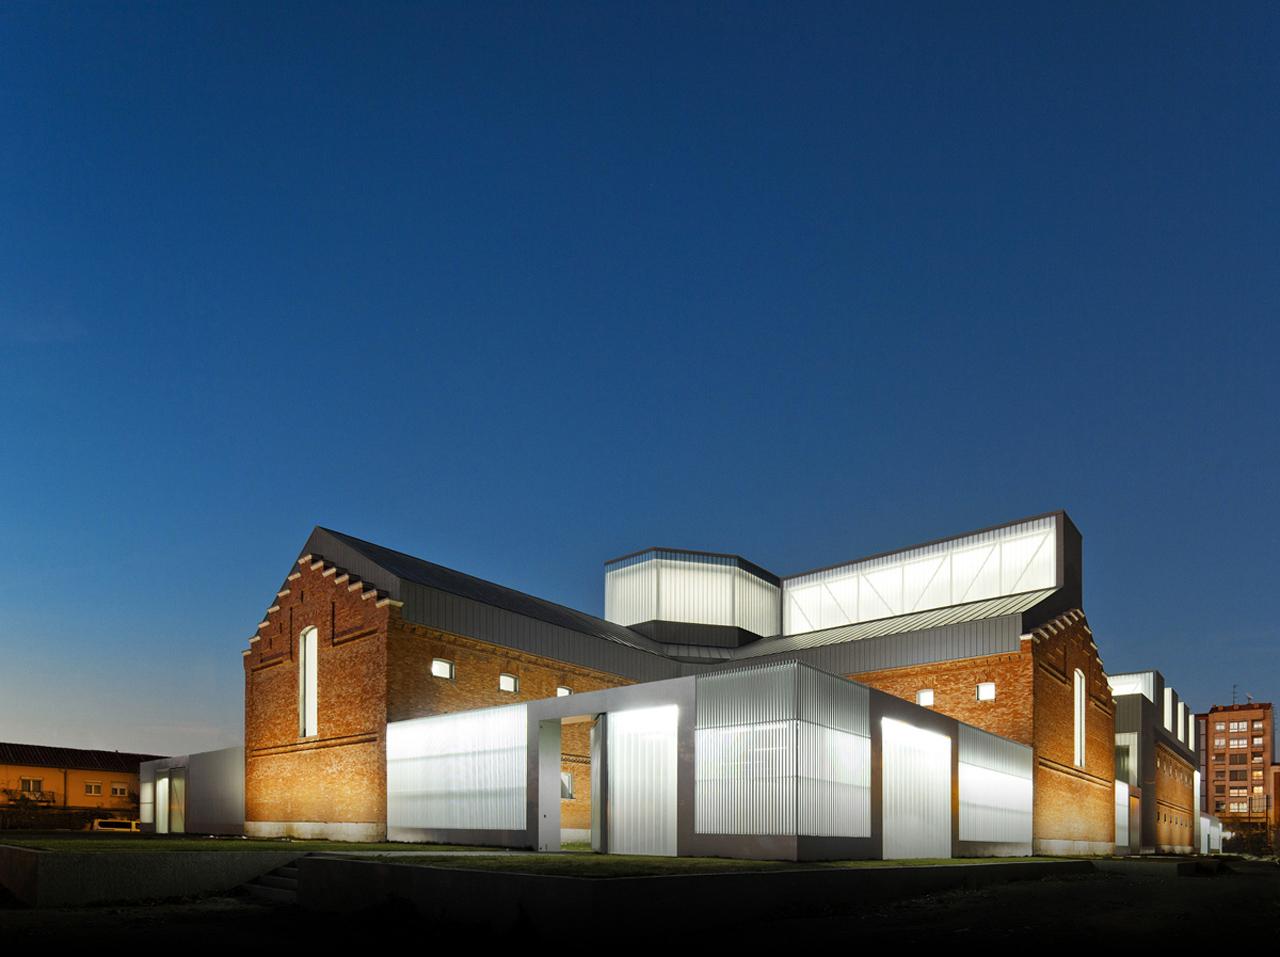 Centro Cívico Cultural de Palencia / EXIT Architects, © FG+SG – Fernando Guerra, Sergio Guerra